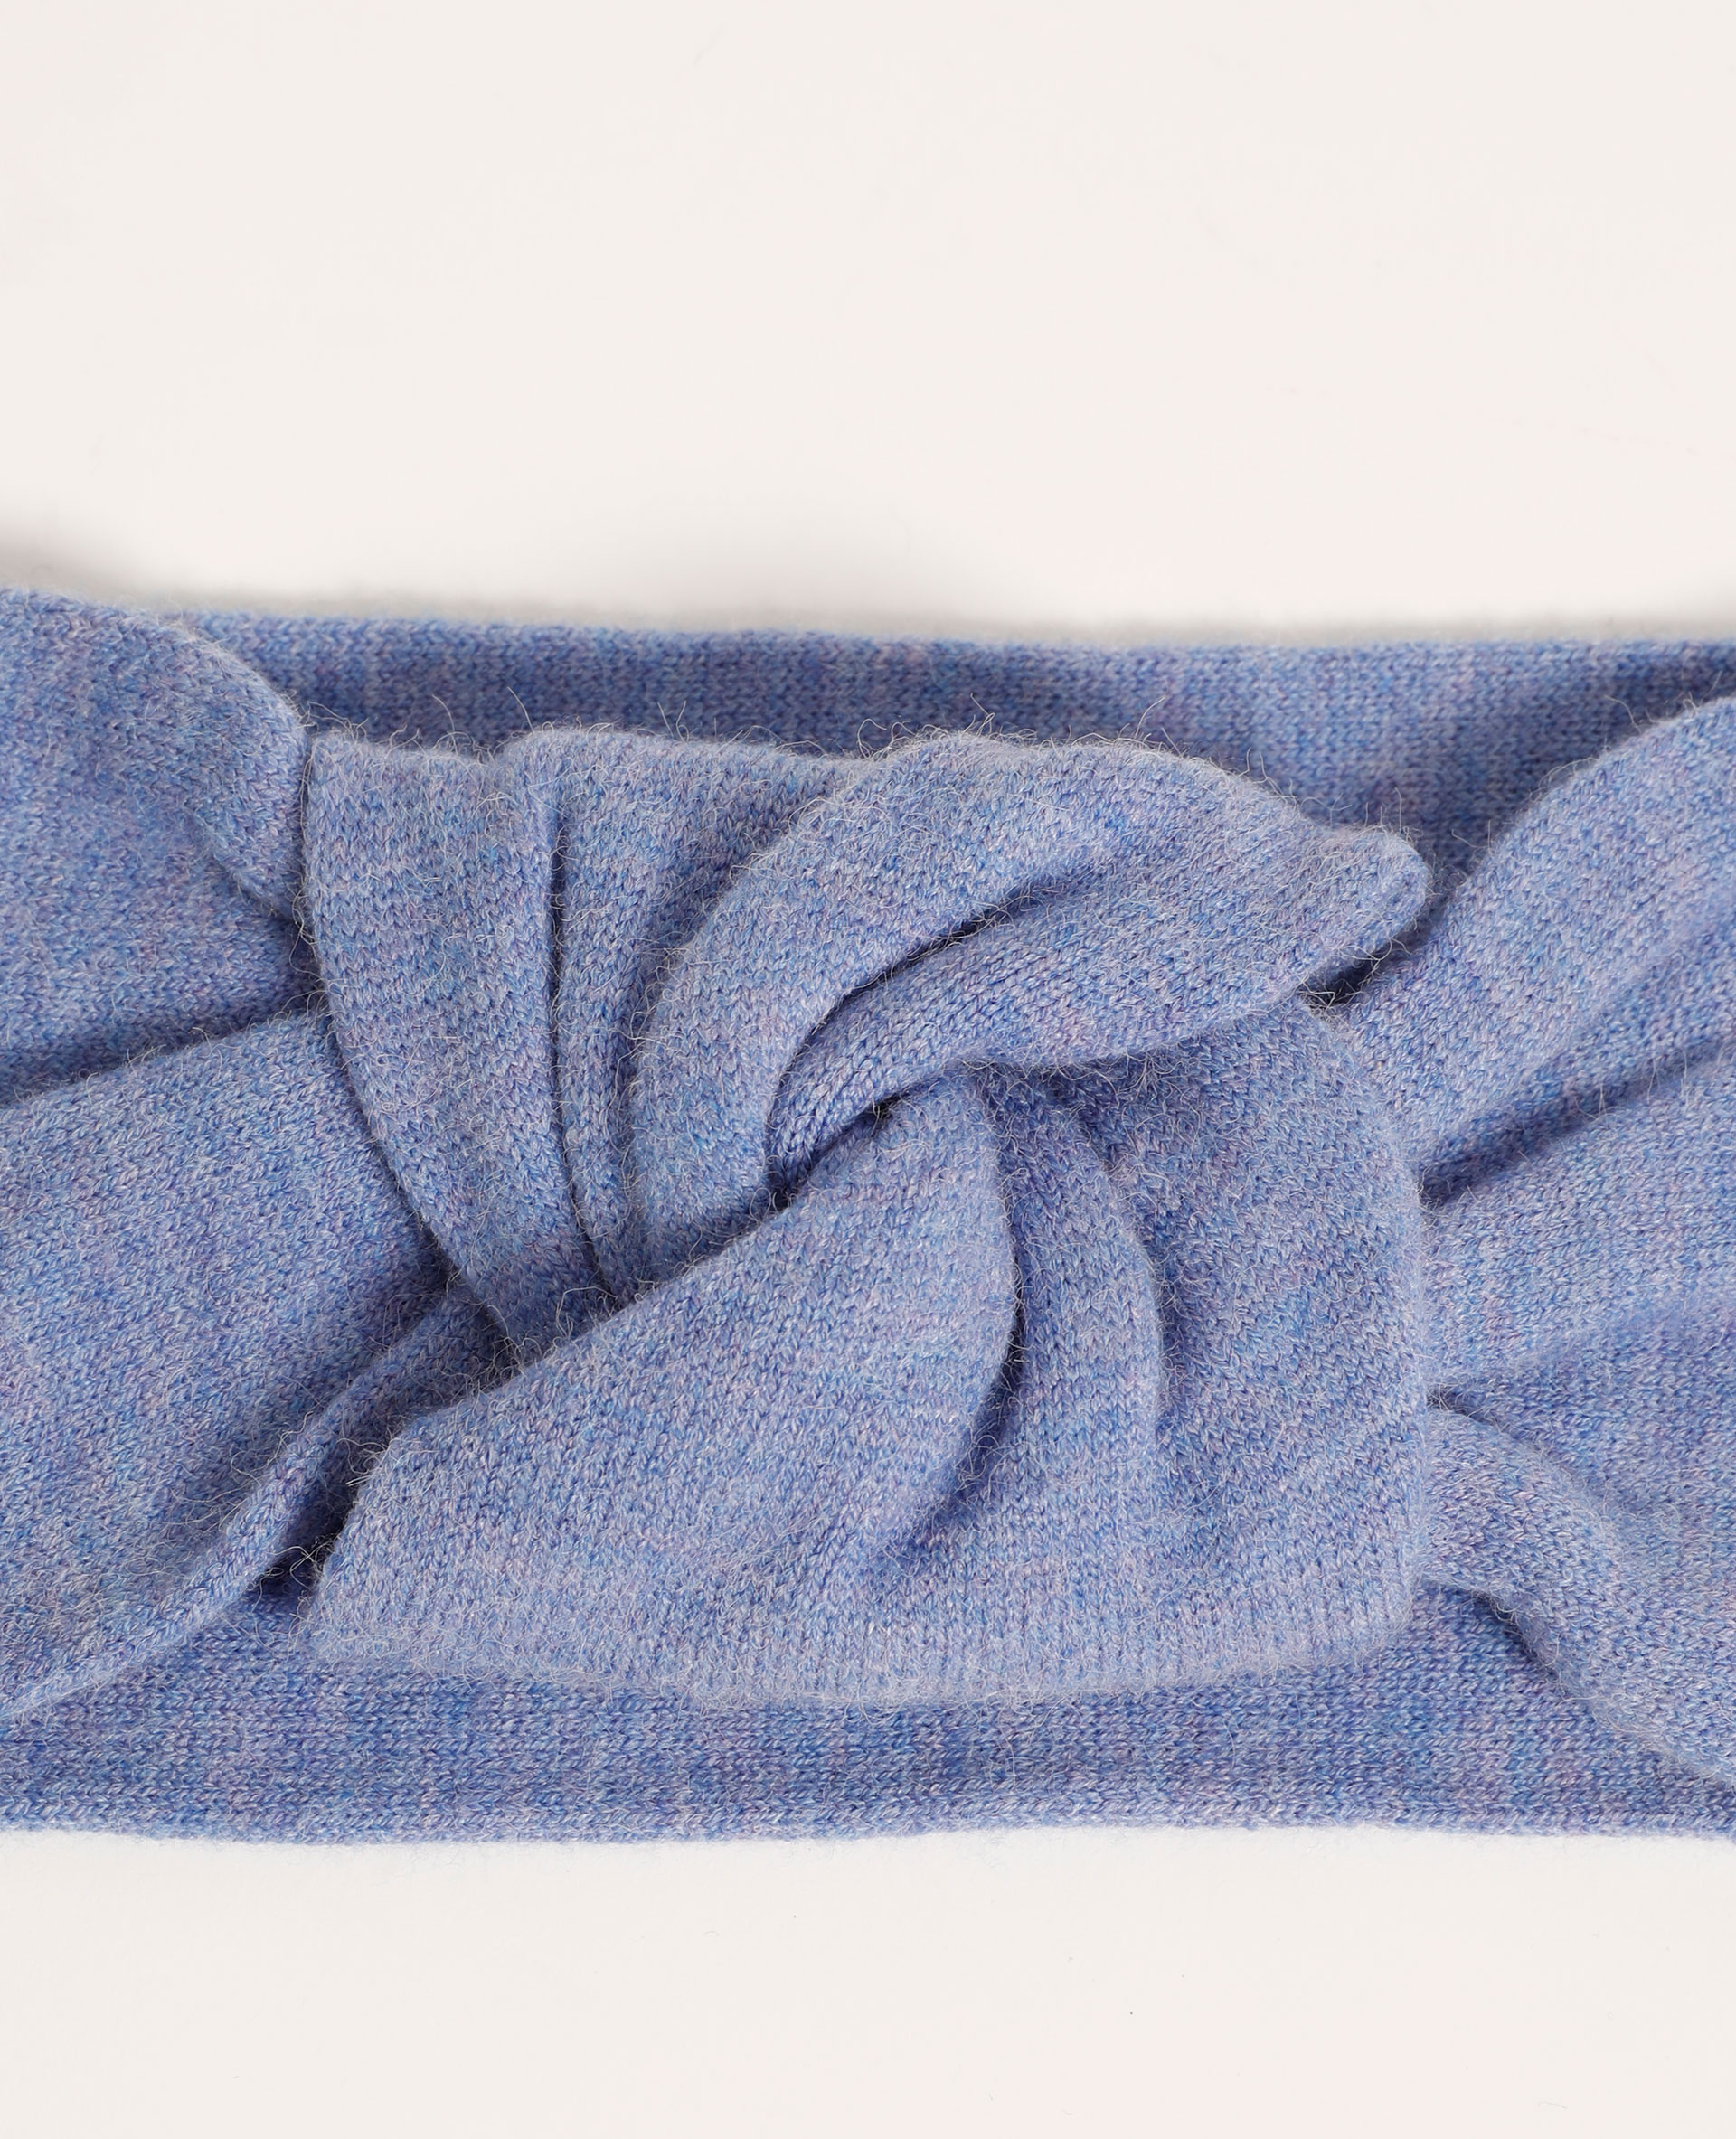 Headband tricot bleu ciel - Pimkie